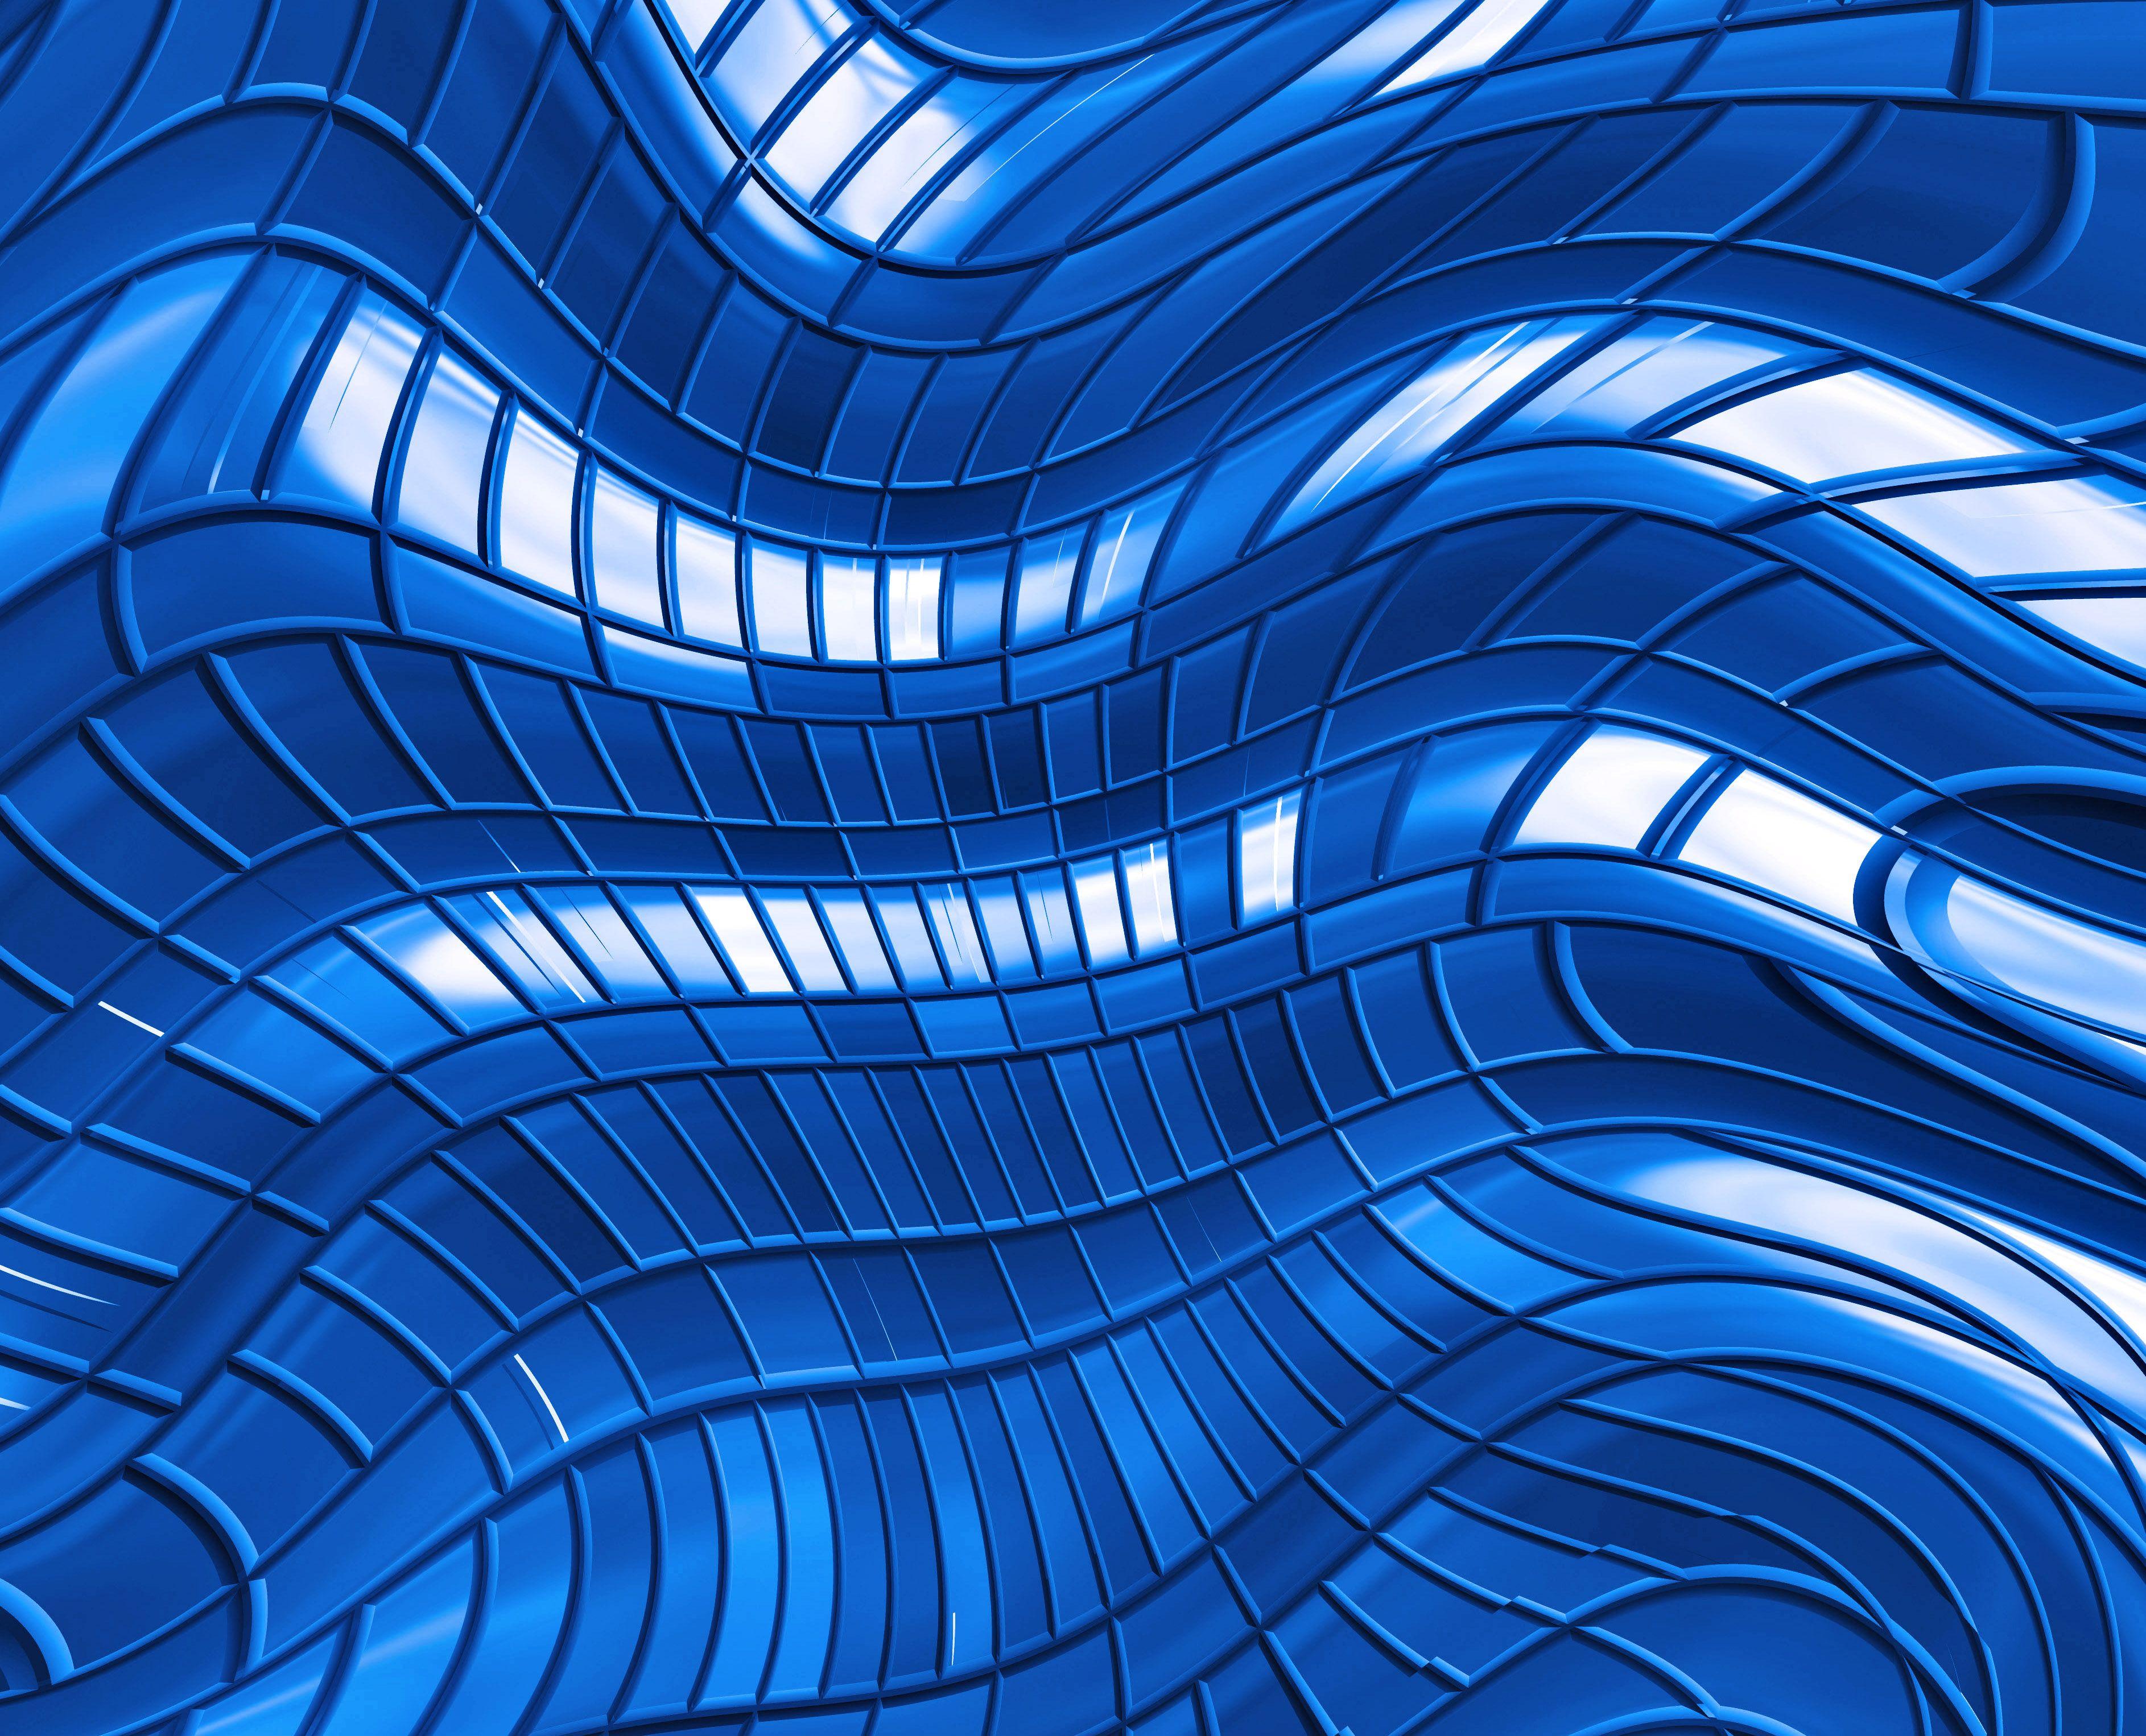 blue backgronds